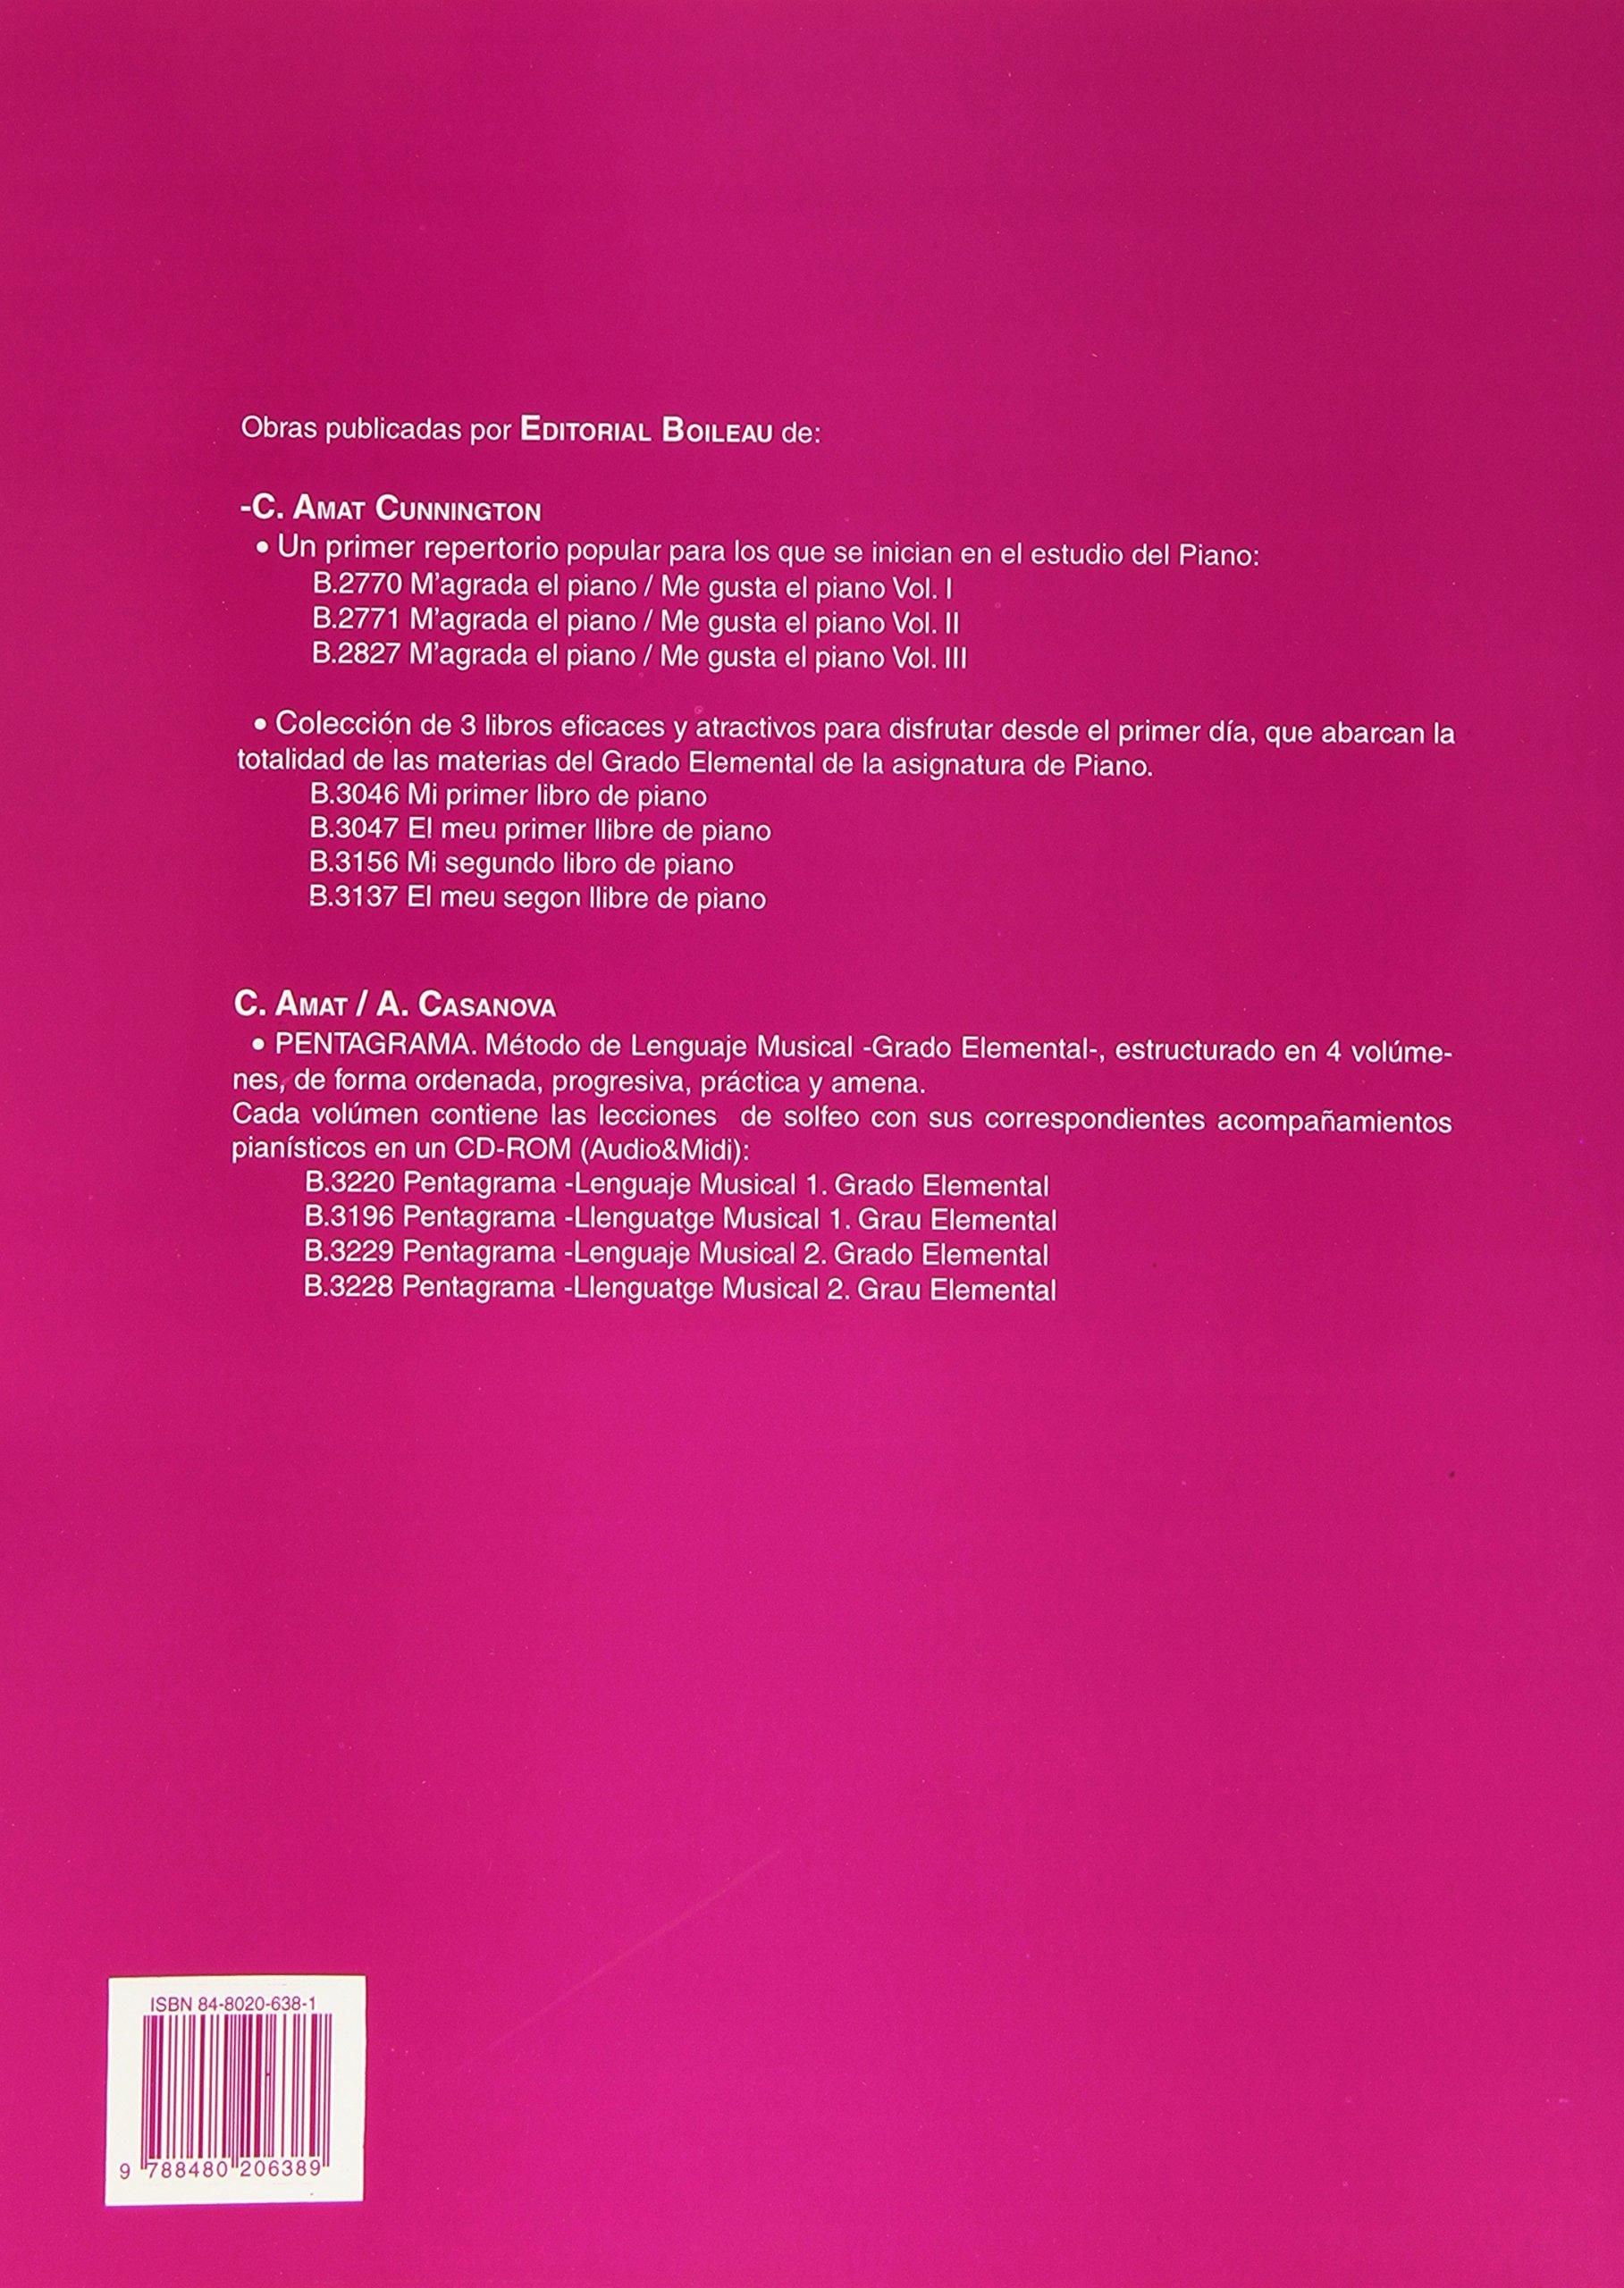 Magrada el piano/Me gusta el piano 1: Amazon.es: Carmen AMAT CUNNINGTON: Libros